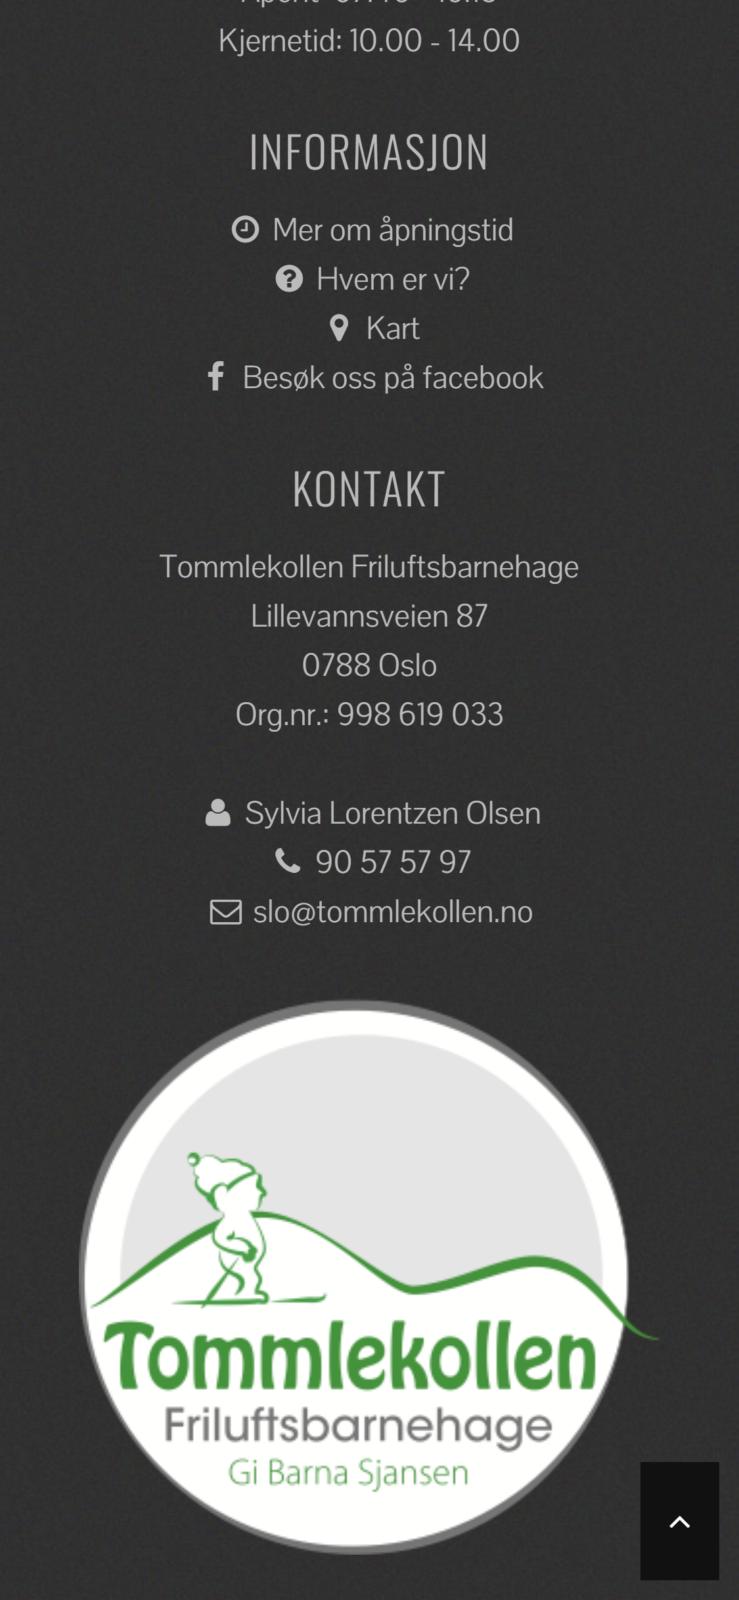 Tommlekollen webdesign av DigiFix